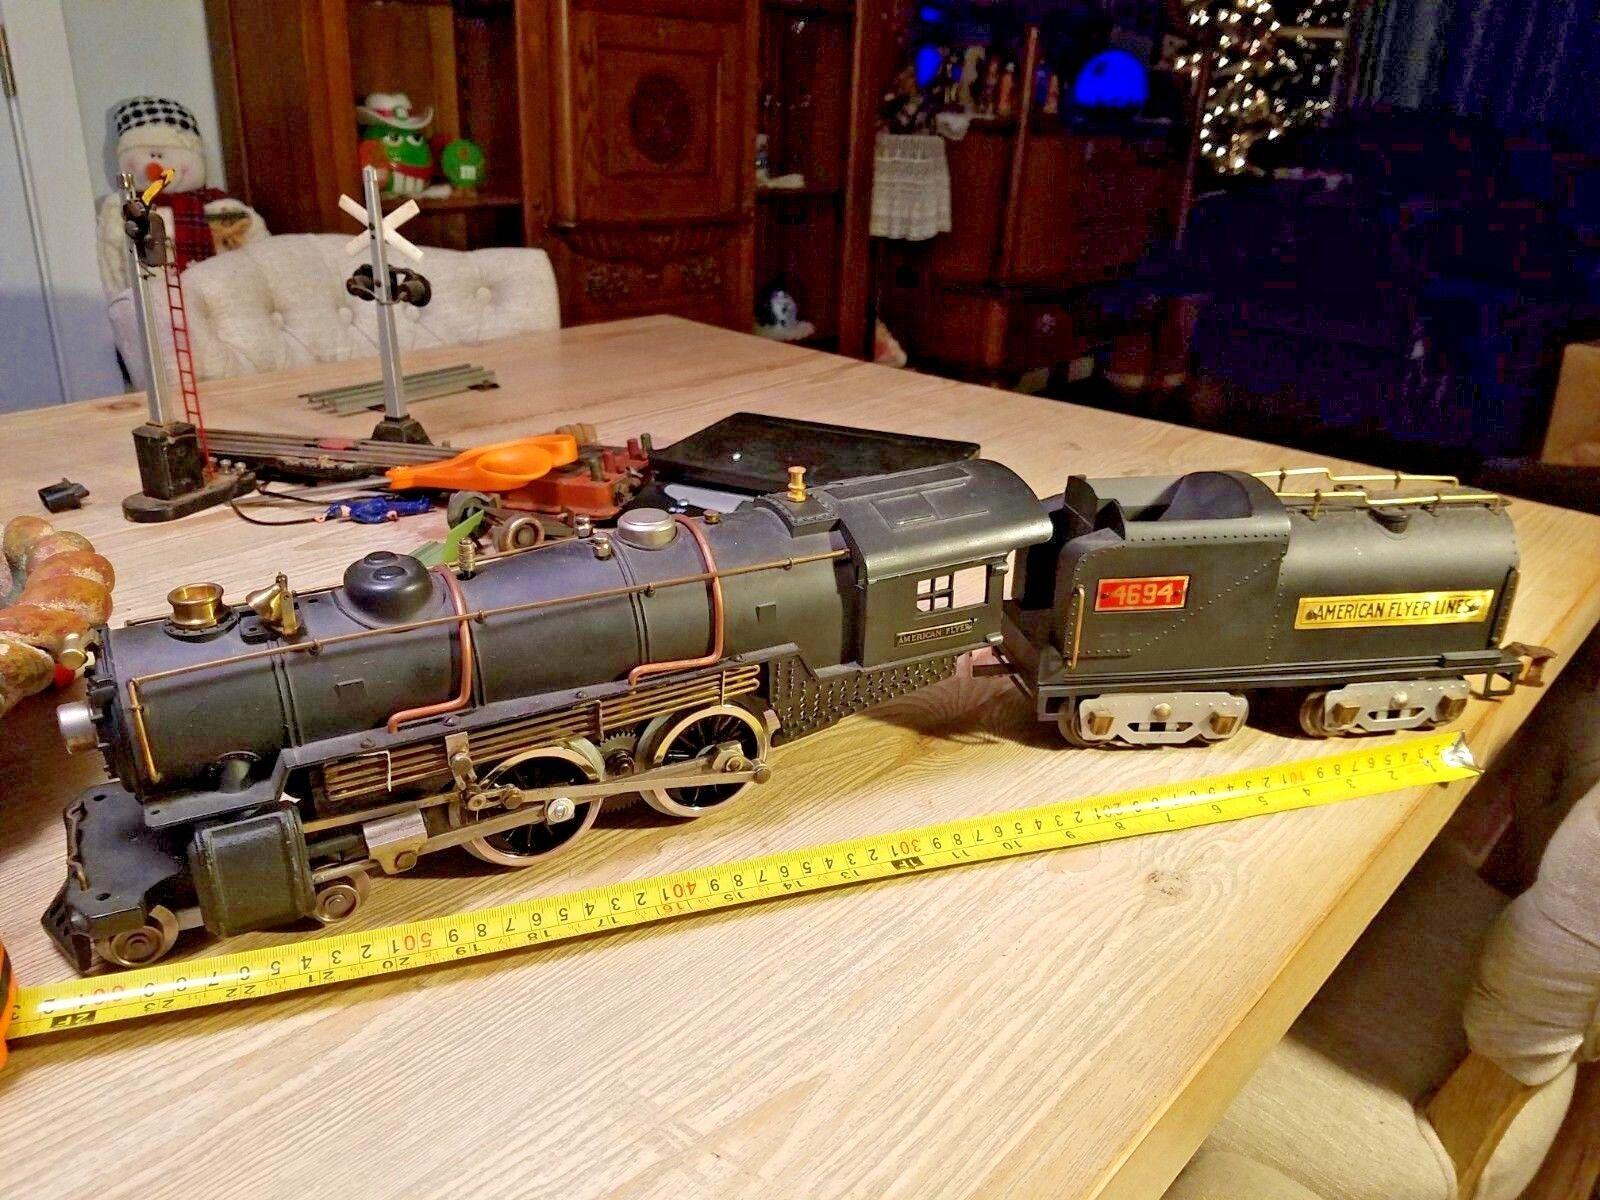 American Flyer líneas 4694 estándar de la locomotora de vapor Gauge Hermosa unidad 10